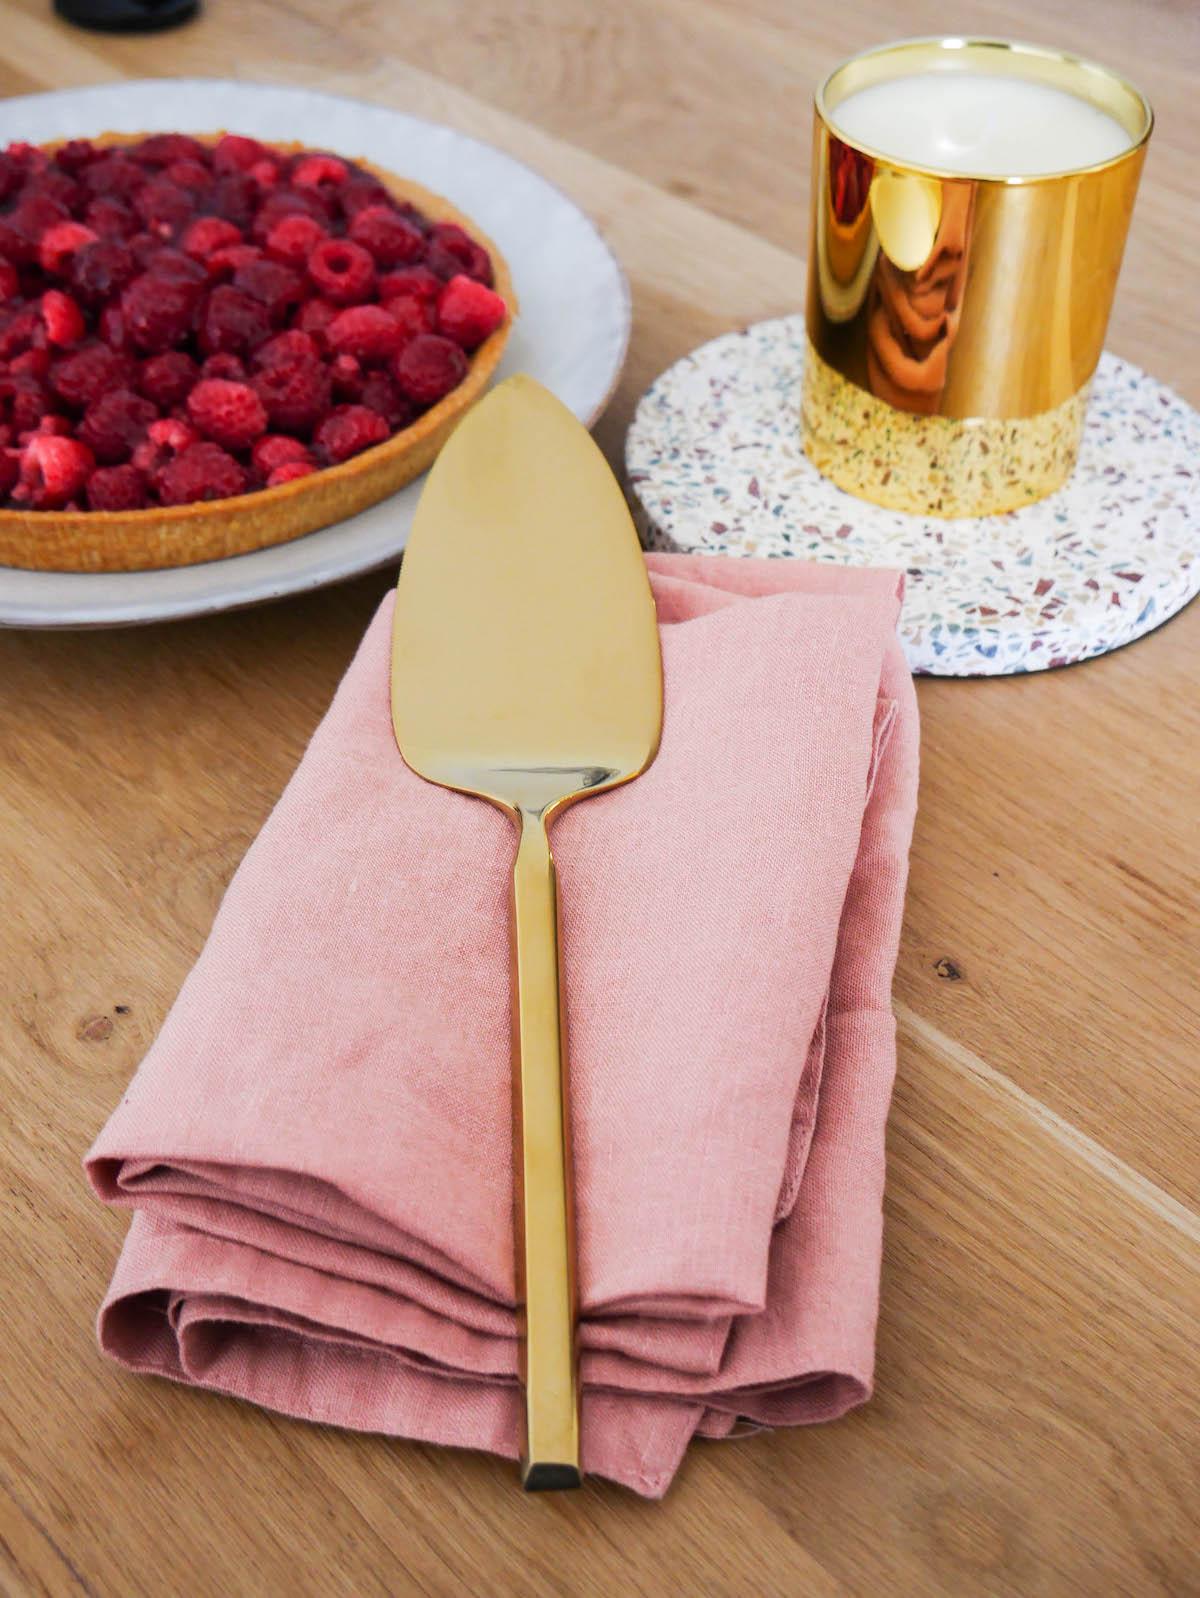 clemaroundthecorner tea time bougie parfumée plat à tarte dorée table bois déco printanière